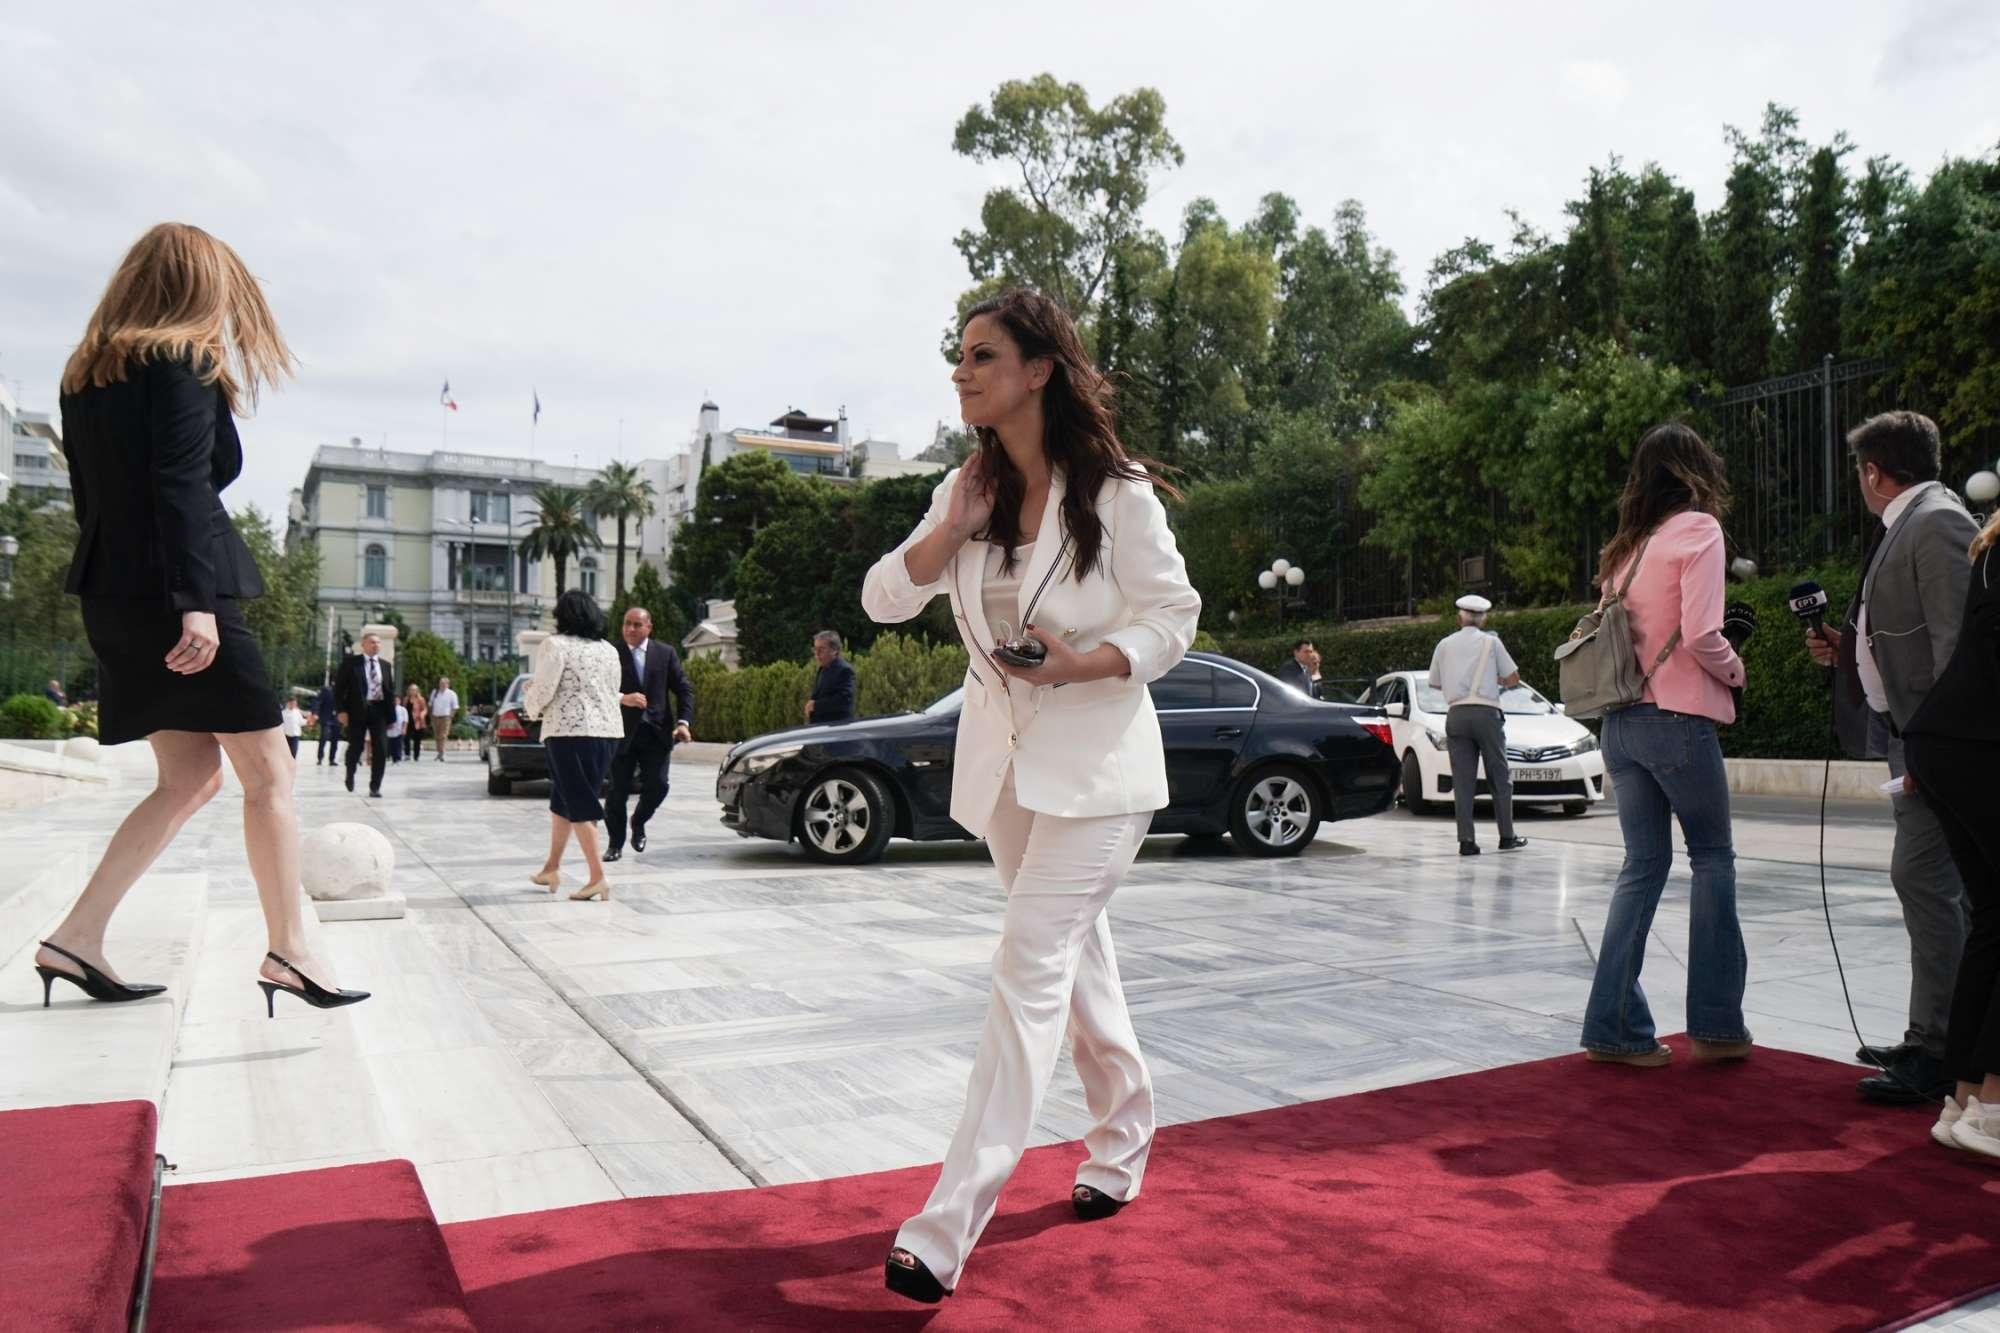 Η βουλευτής του ΣΥΡΙΖΑ Ραλλία Χρηστίδου στην πρεμιέρα της στη Βουλή